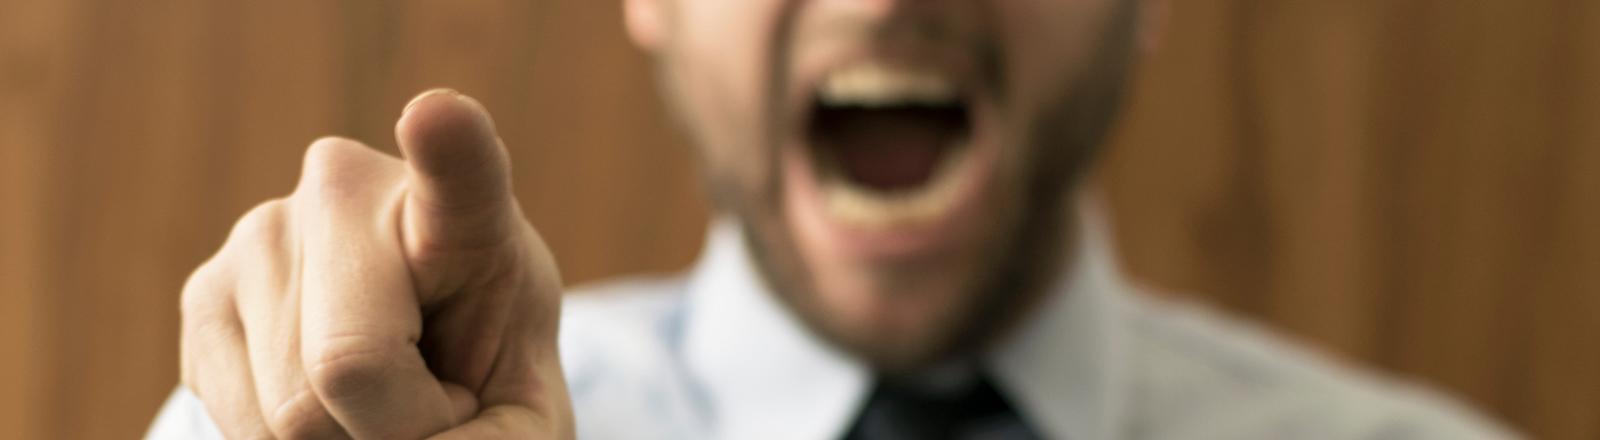 Ein Mann zeigt mit einem Finger auf etwas und reißt den Mund auf.